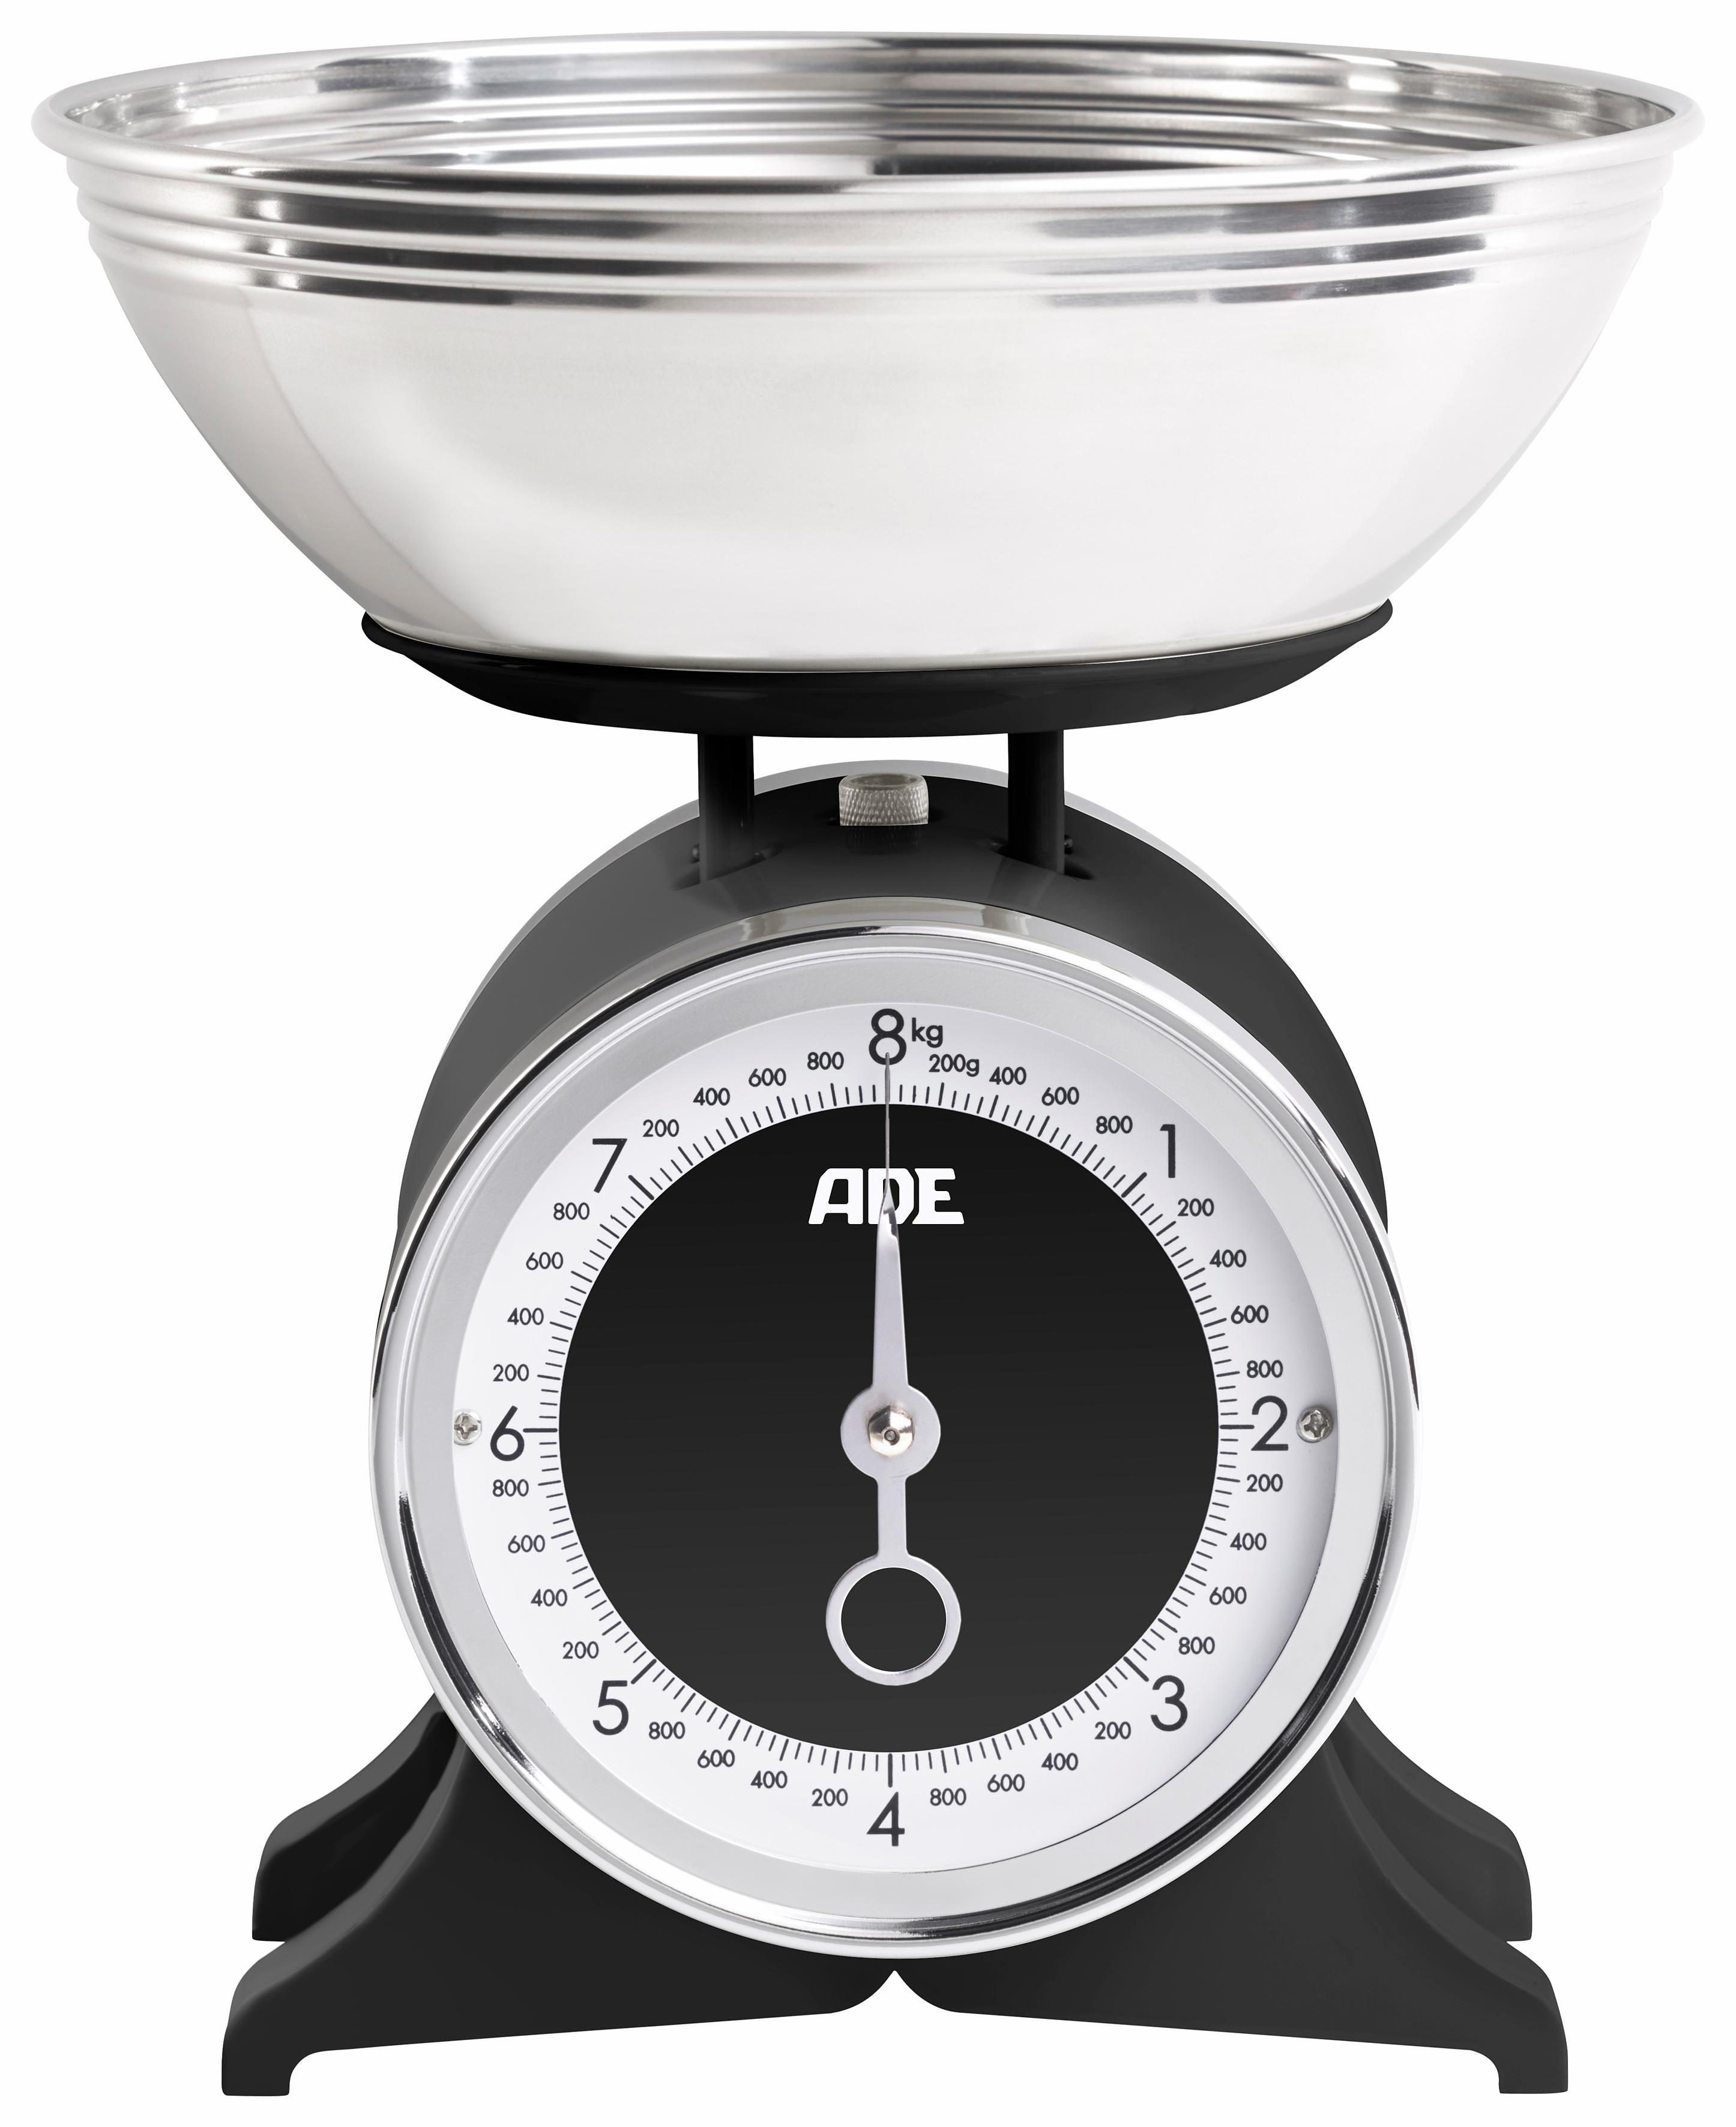 ADE Schüsselwaage ´´ »KM1501 Anna´´ | Küche und Esszimmer > Küchengeräte > Küchenwaagen | Schwarz | Lackiert - Edelstahl | ADE